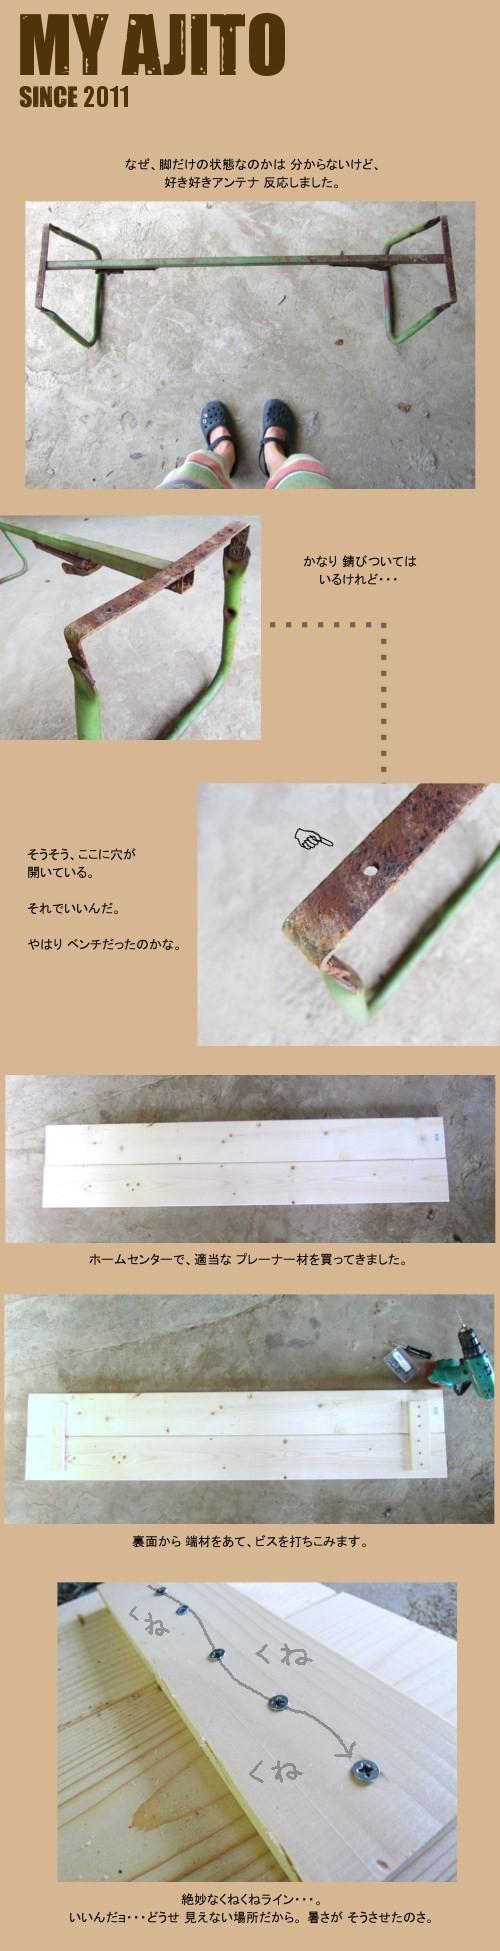 benchi_02.jpg